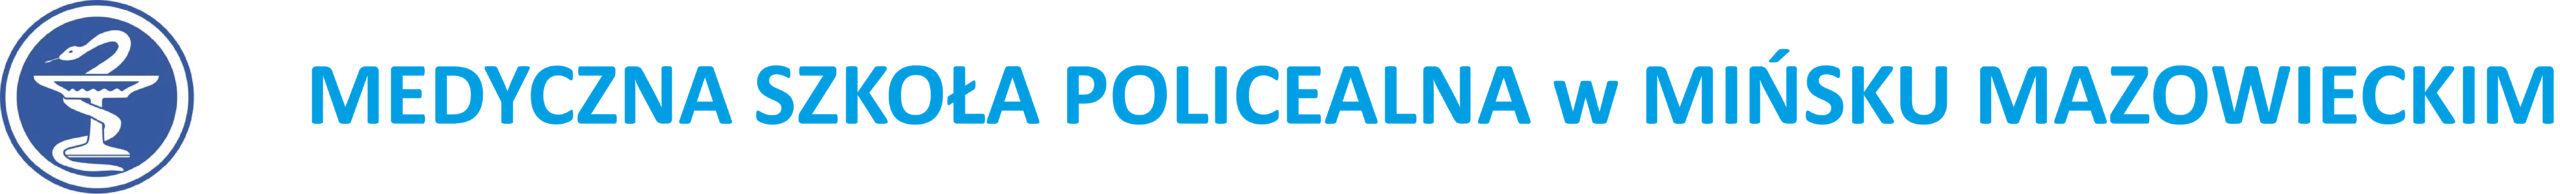 MEDYCZNA SZKOŁA POLICEALNA w Mińsku Mazowieckim